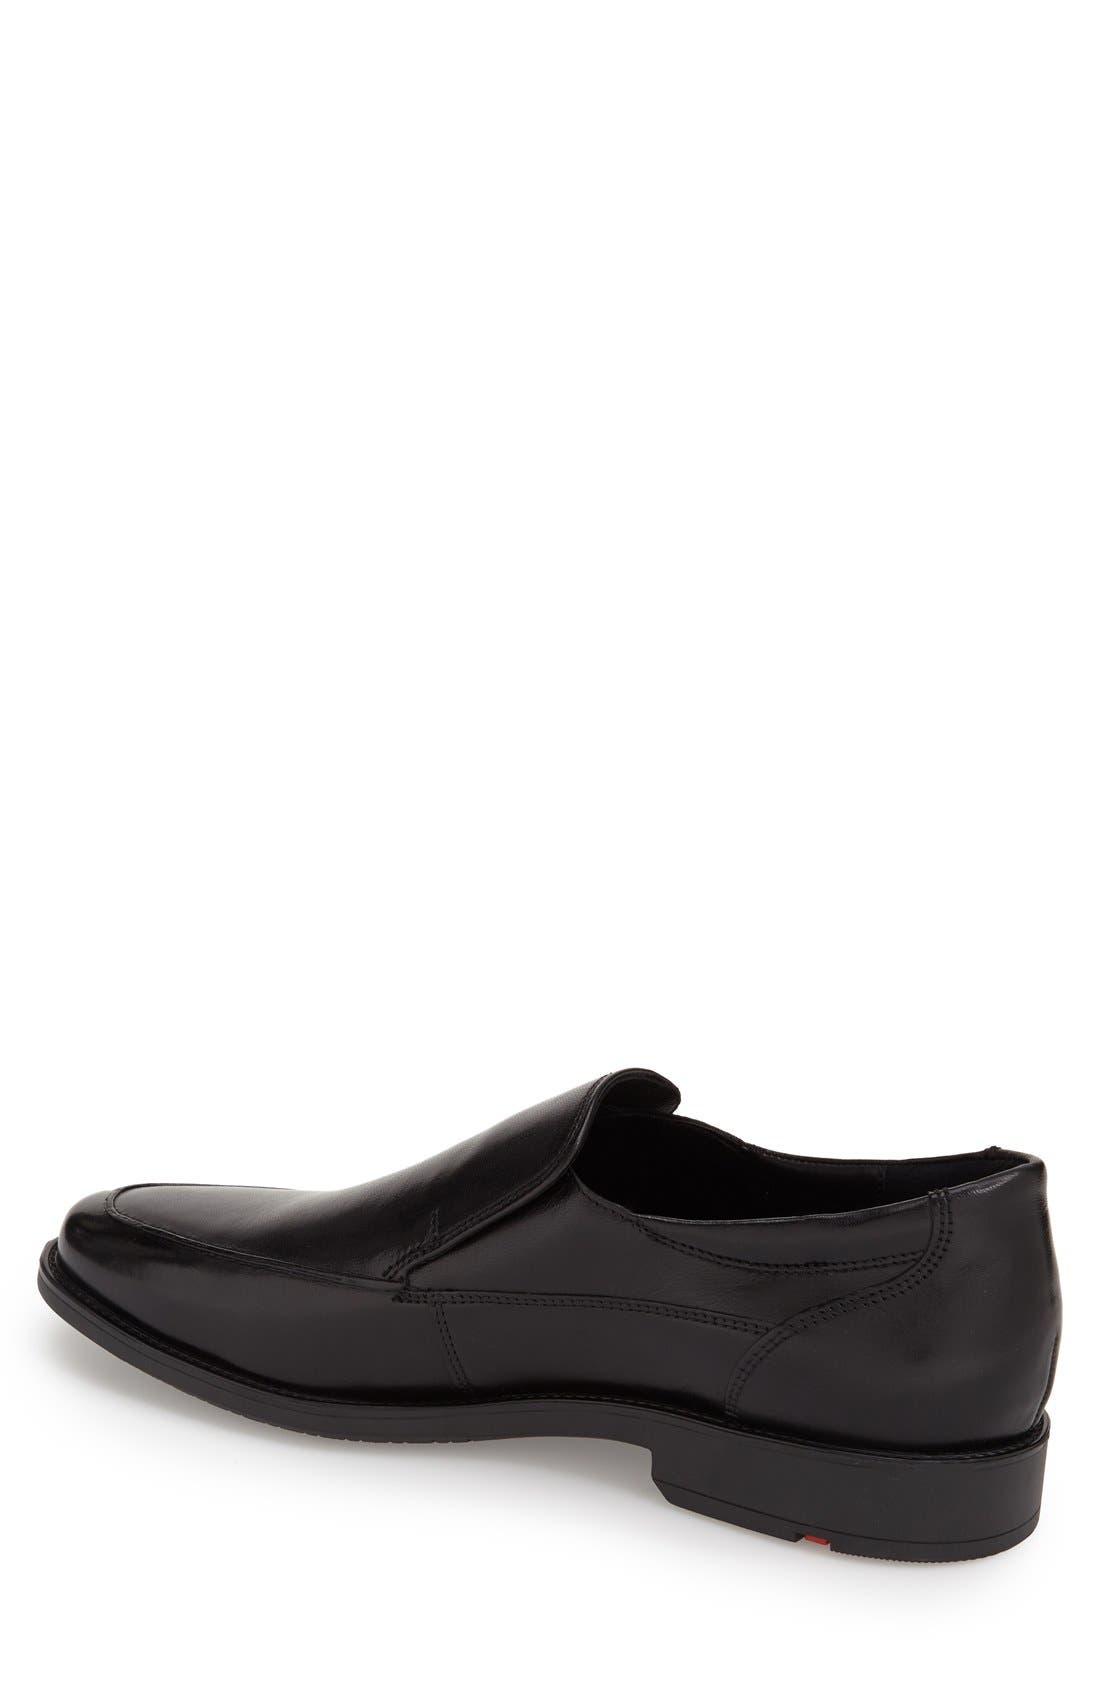 'Nante' Venetian Loafer,                             Alternate thumbnail 2, color,                             BLACK